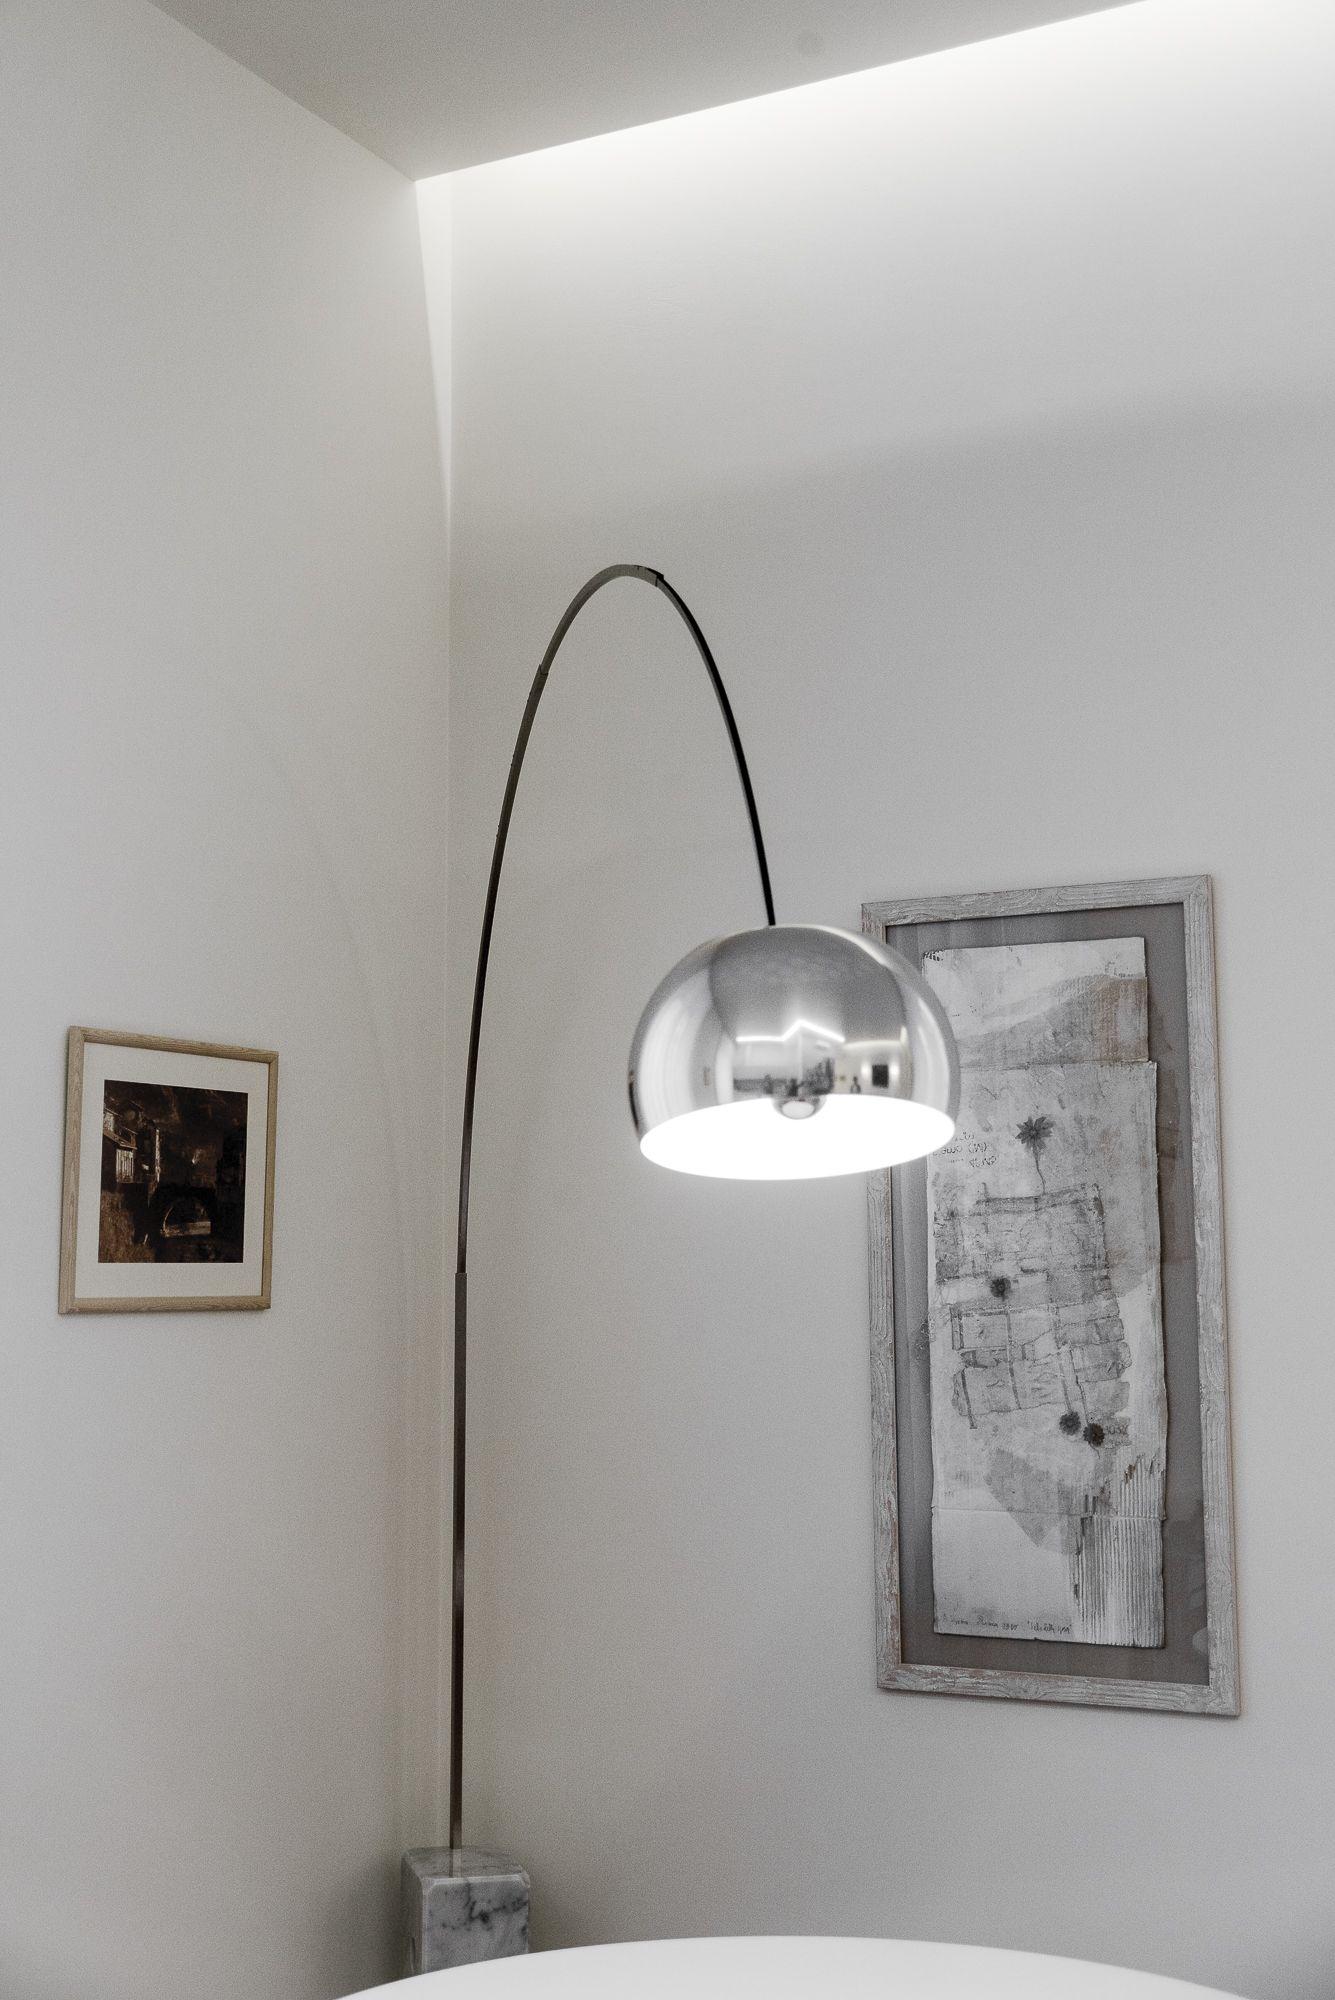 Lampada Arco Castiglioni Prezzo.Lampada Arco Di Pier Giacomo E Achille Castiglioni Per